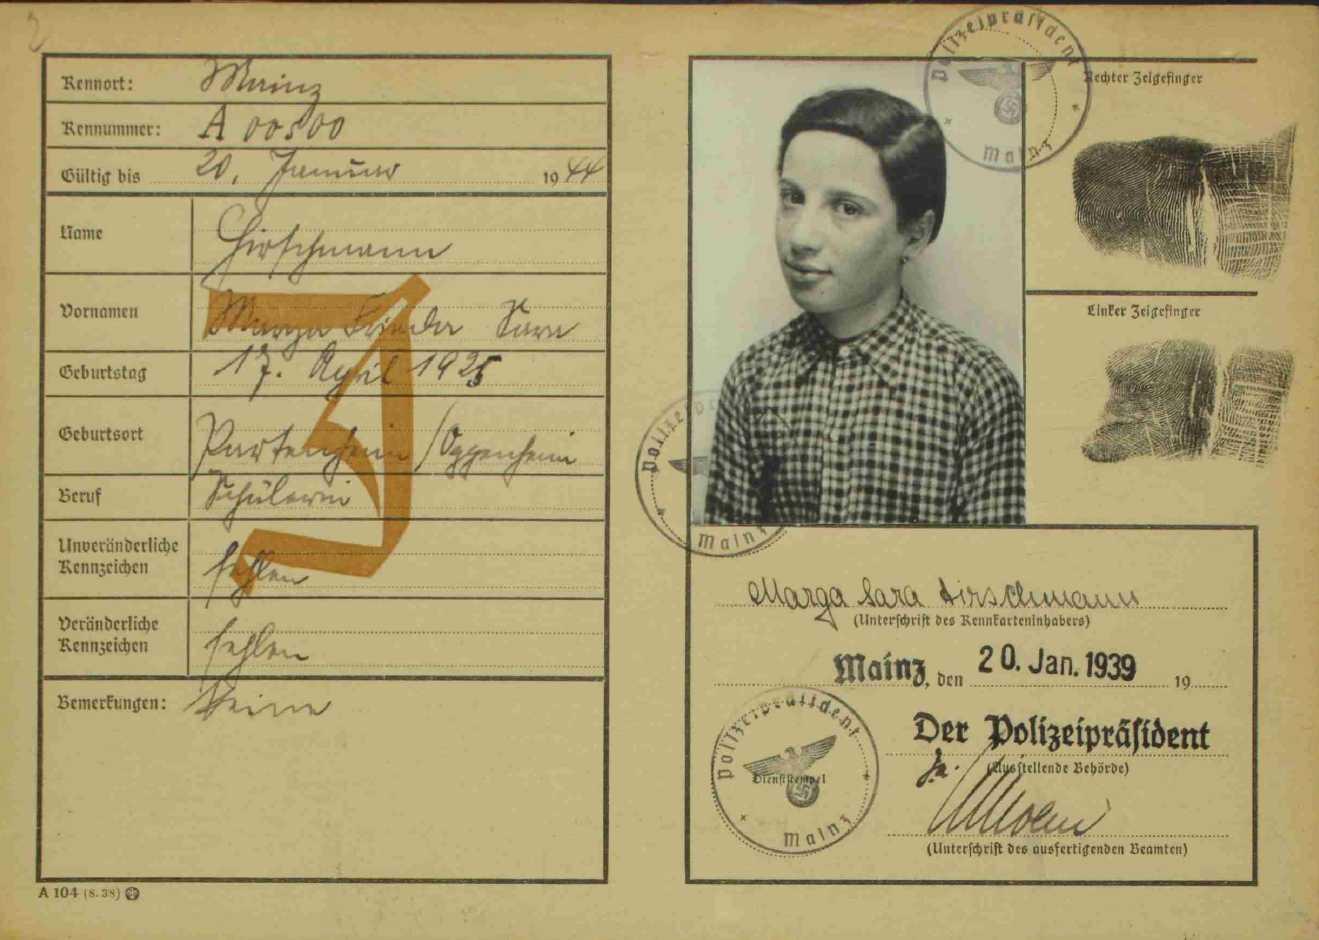 http://www.alemannia-judaica.de/images/Images%20388/Partenheim%20KK%20MZ%20Hirschmann%20Marga.jpg